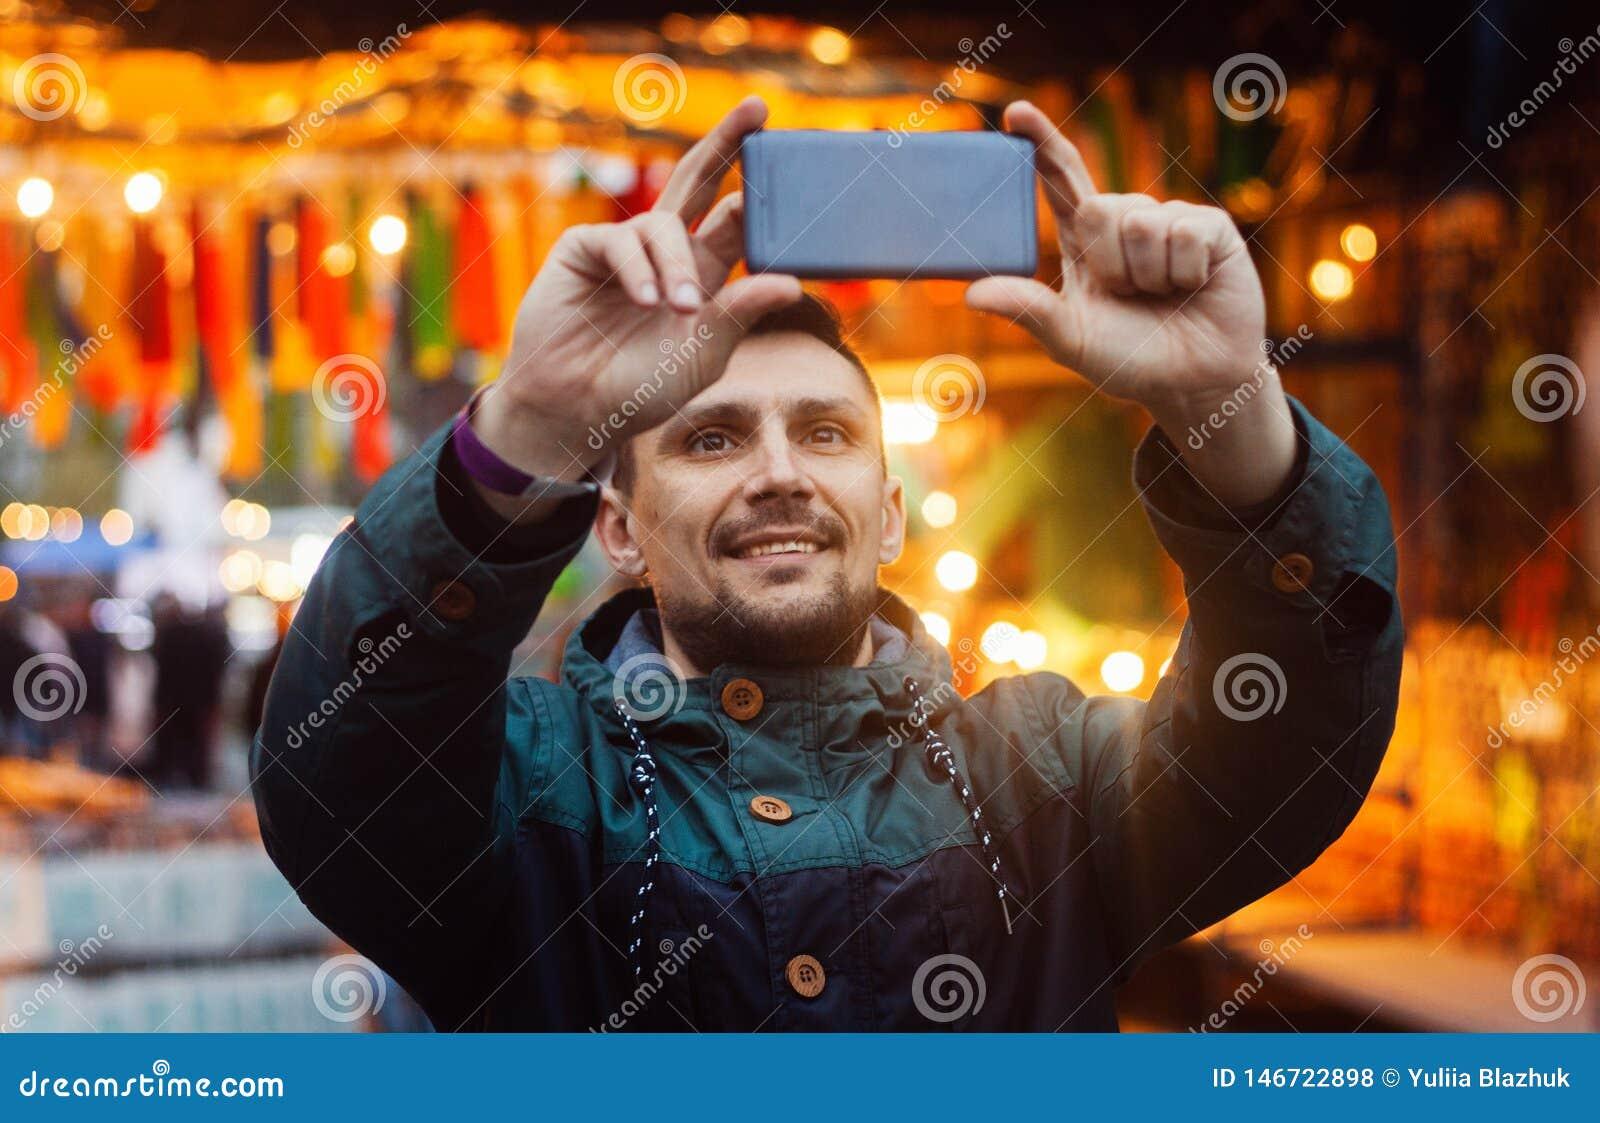 Νεαρός άνδρας που παίρνει τη φωτογραφία με το τηλέφωνο στην οδό που διακοσμείται με τις ζωηρόχρωμες σημαίες